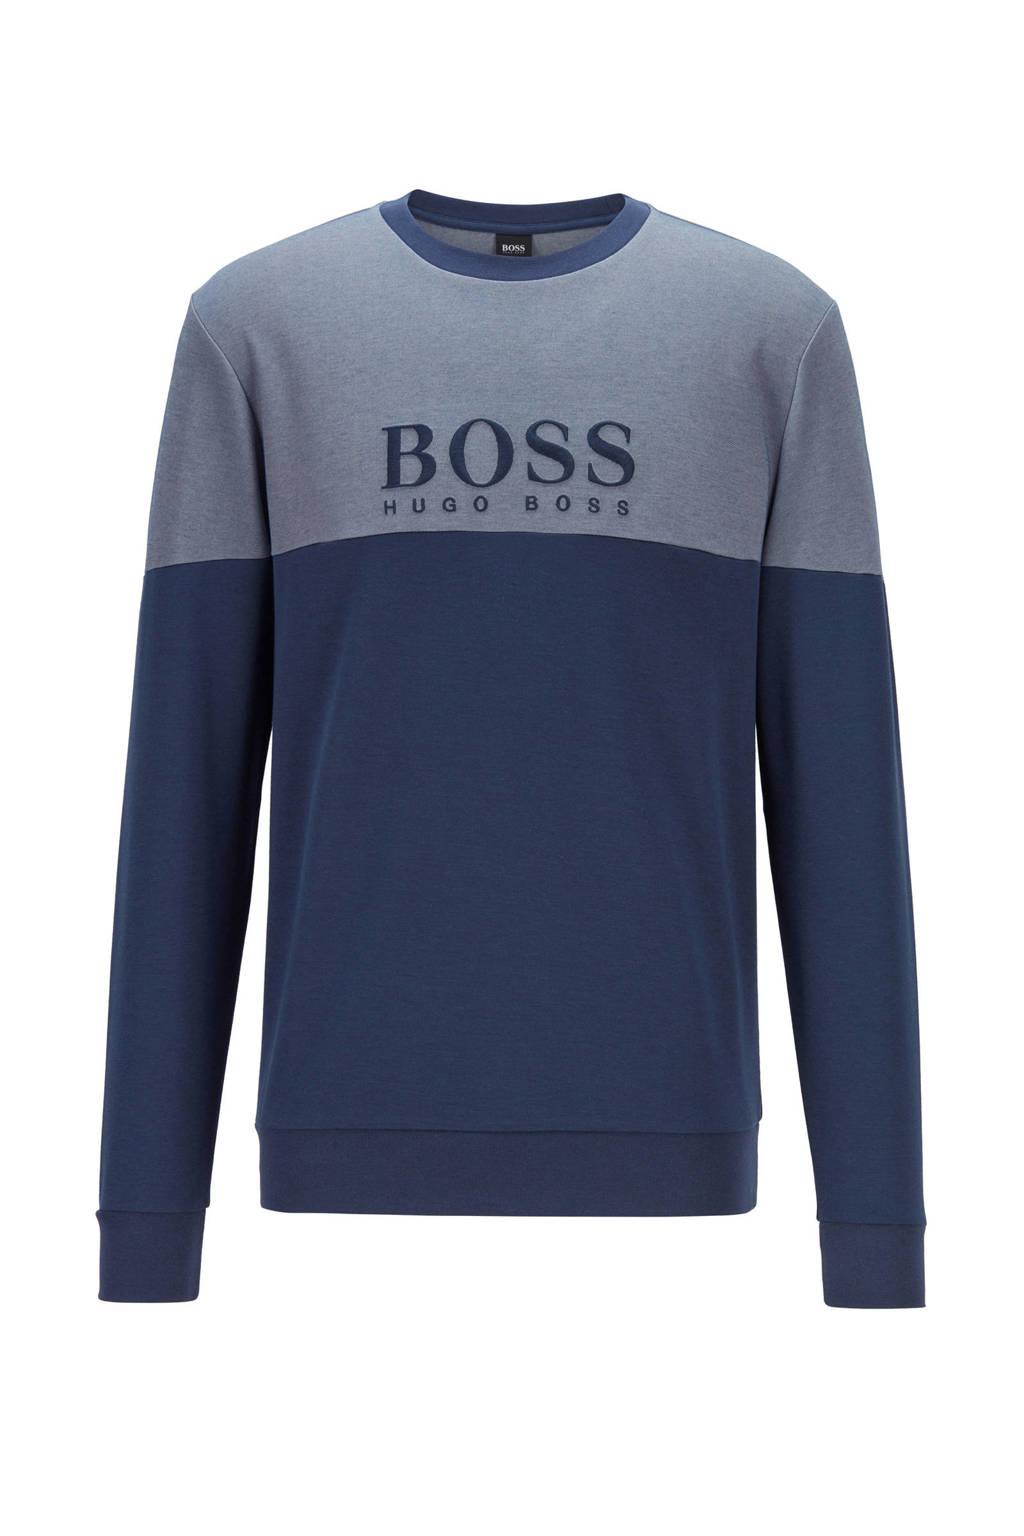 BOSS sweater met logo donkerblauw, Donkerblauw